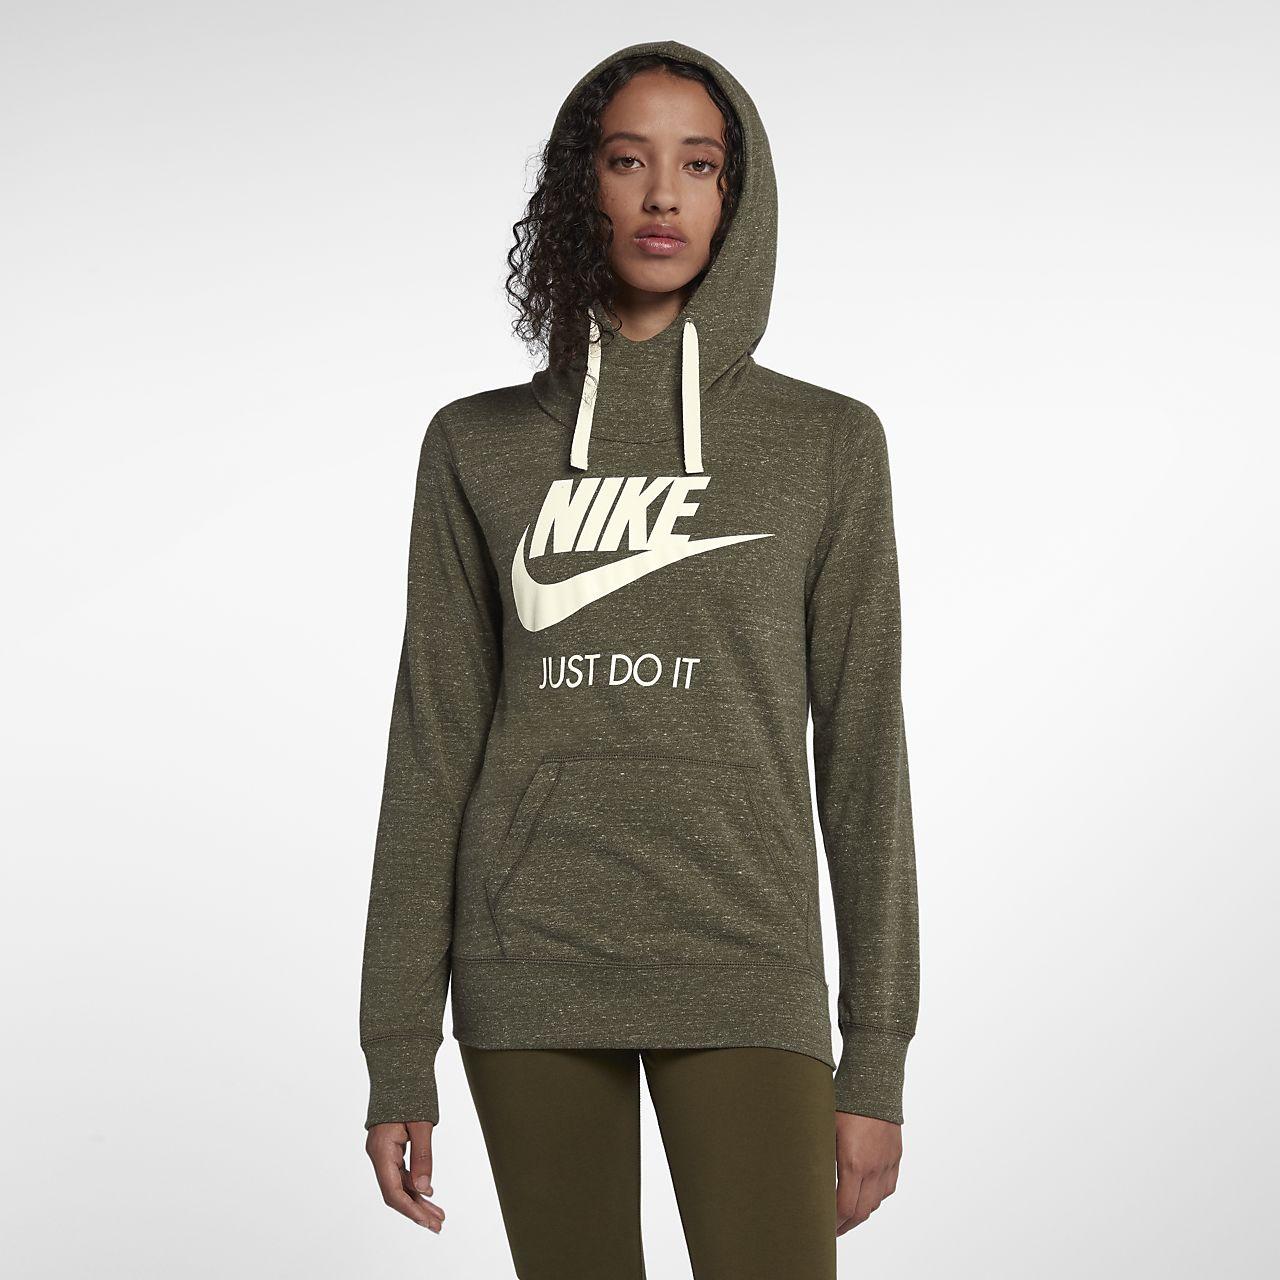 Gym Nike Hoodie Women's Pullover Vintage Sportswear gnTqWP0